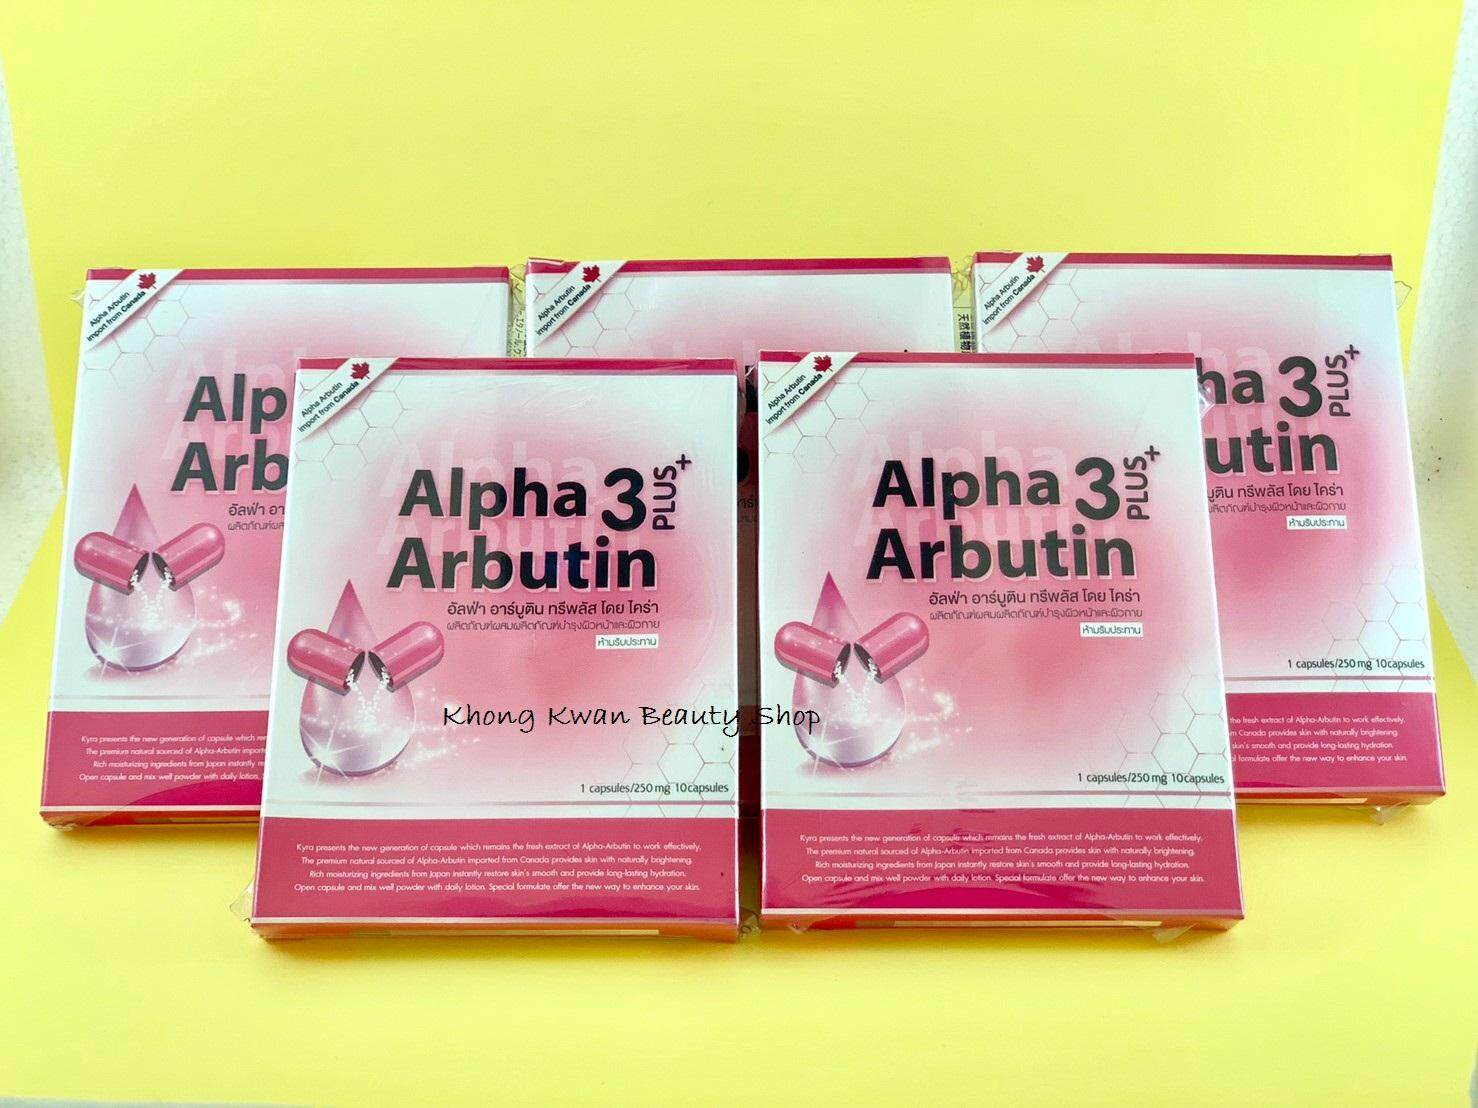 (5 กล่อง 10 แคปซูล) Alpha Arbutin 3 Plus ผงเผือก สูตรใหม่ เพิ่มอัลฟ่า อาร์บูติน 3 เท่า.